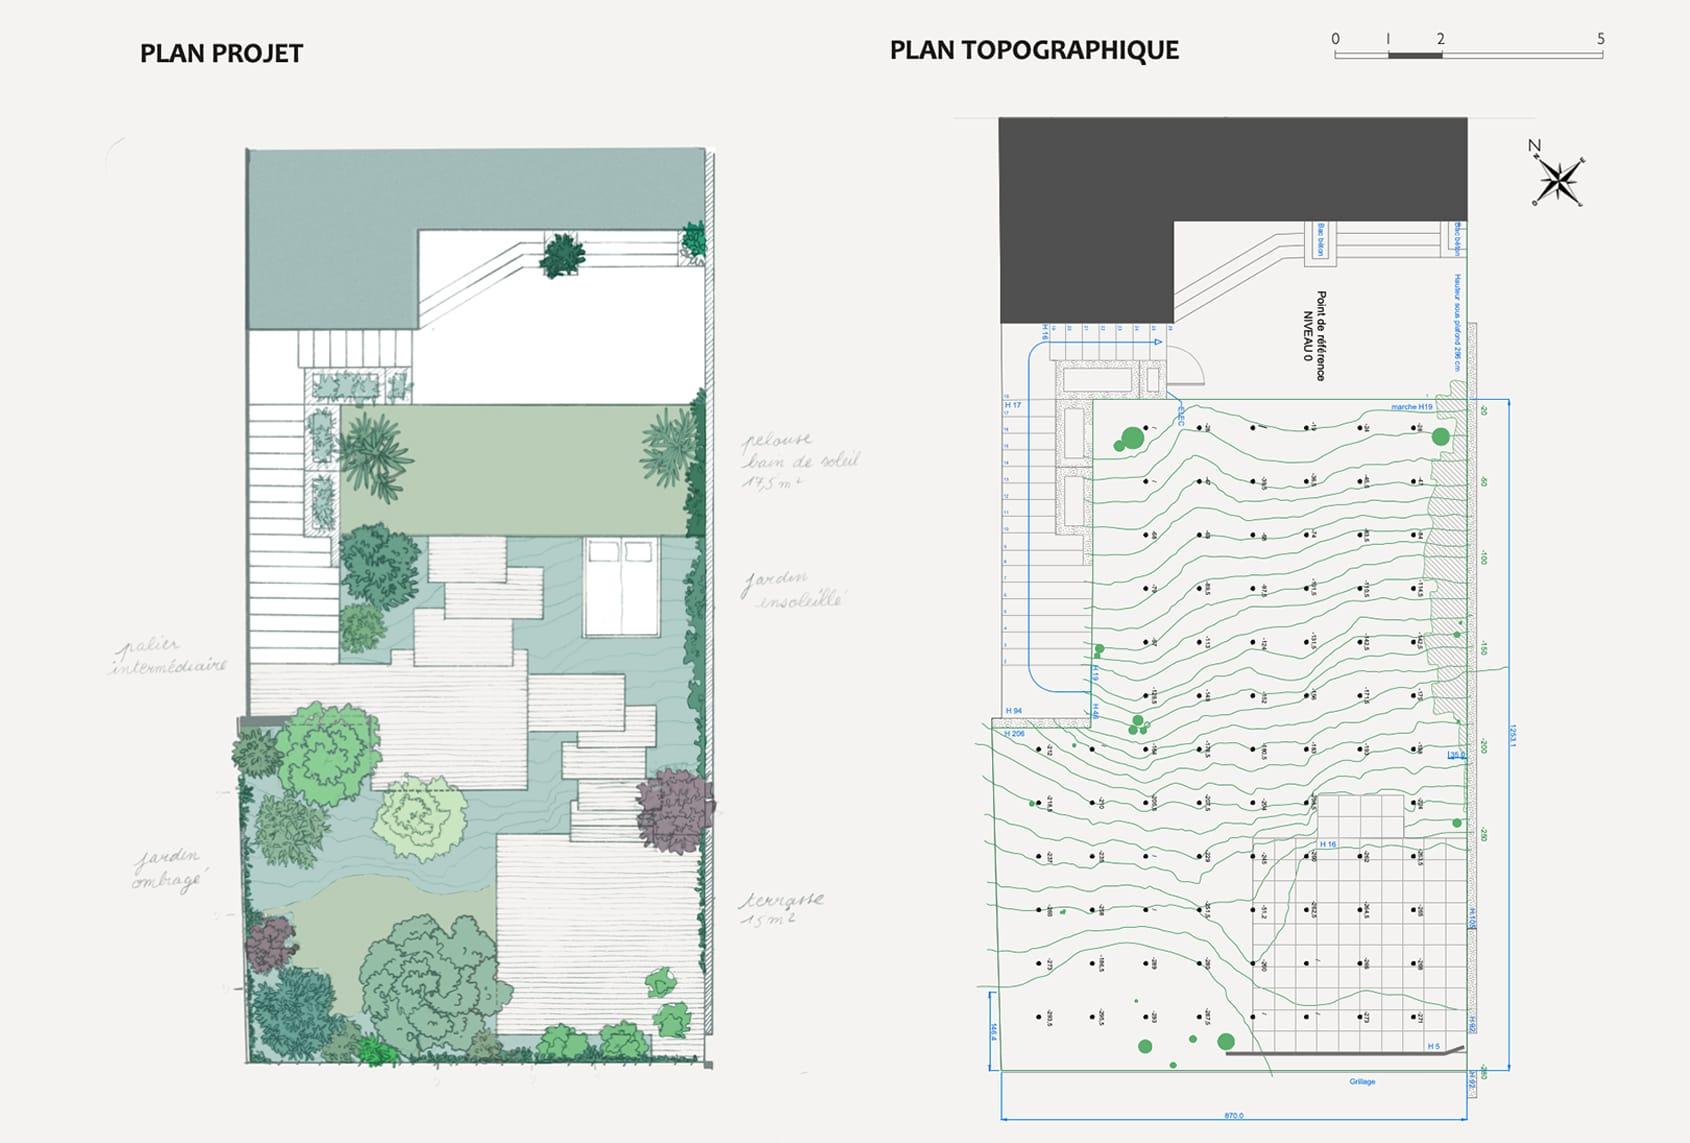 01_Nordscape_esquisse-plan-topographie-jardin